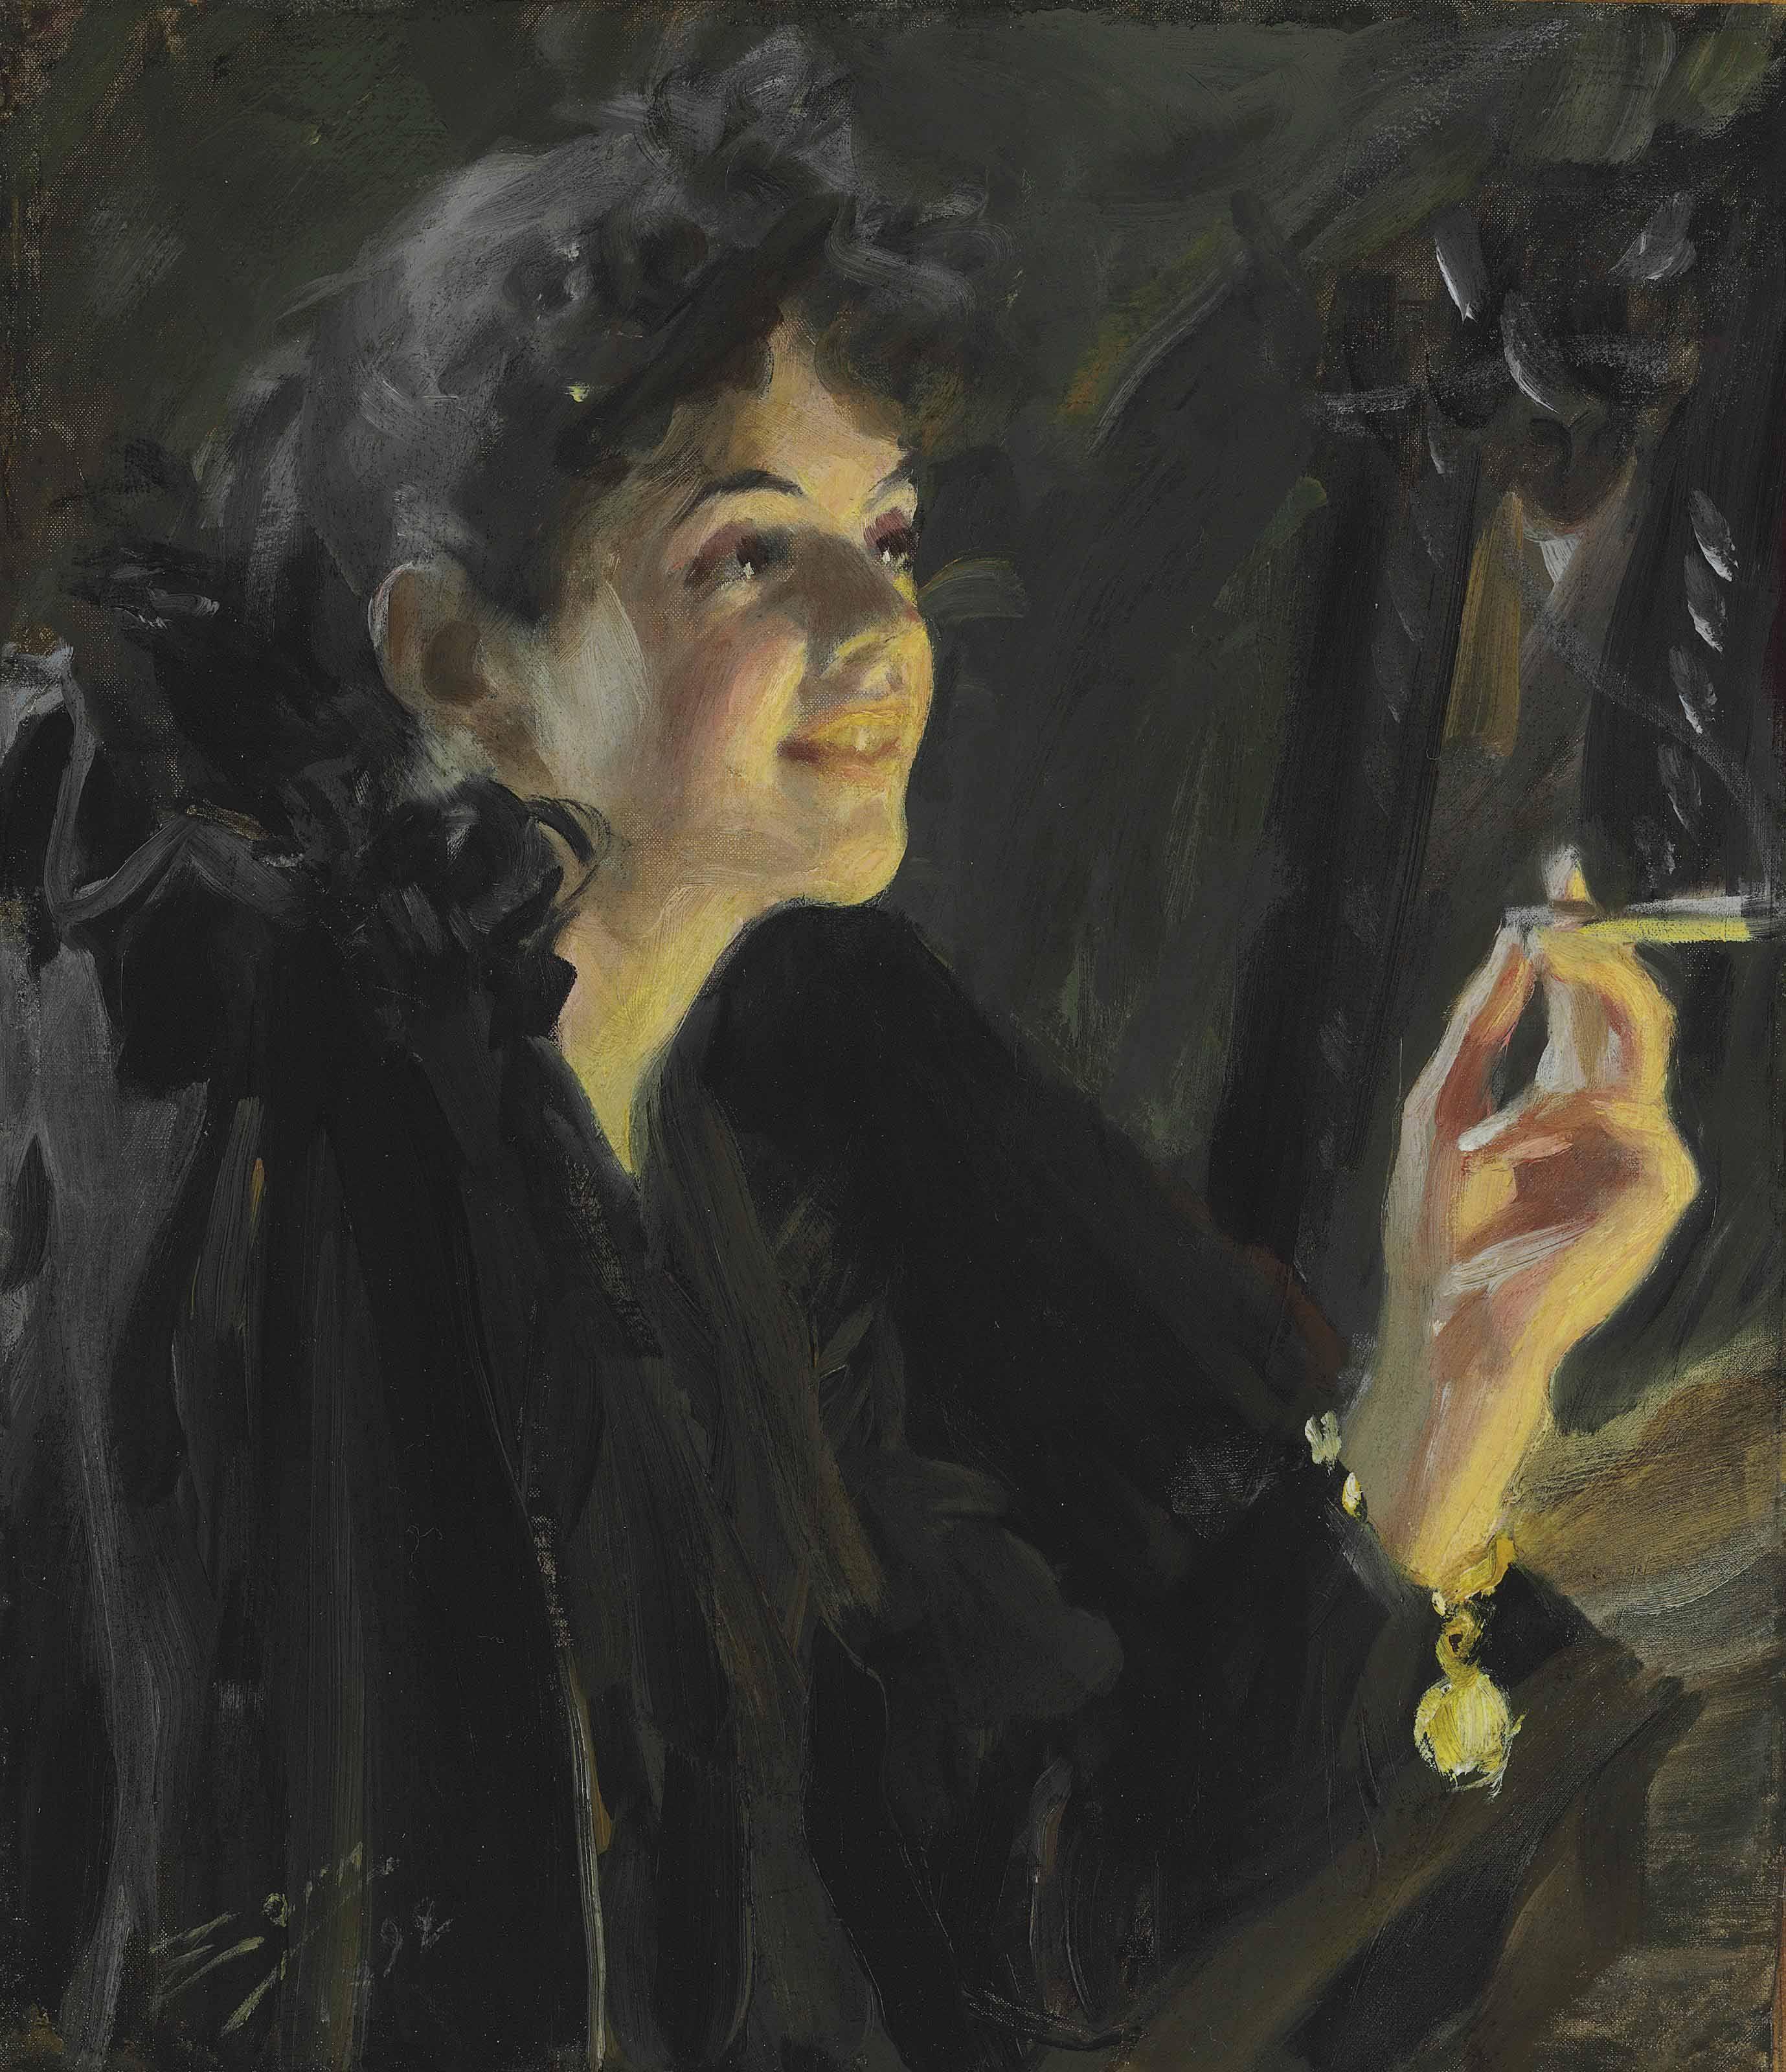 Epingle Par Jimjjq Sur Art L Art Du Portrait Les Arts Peintre